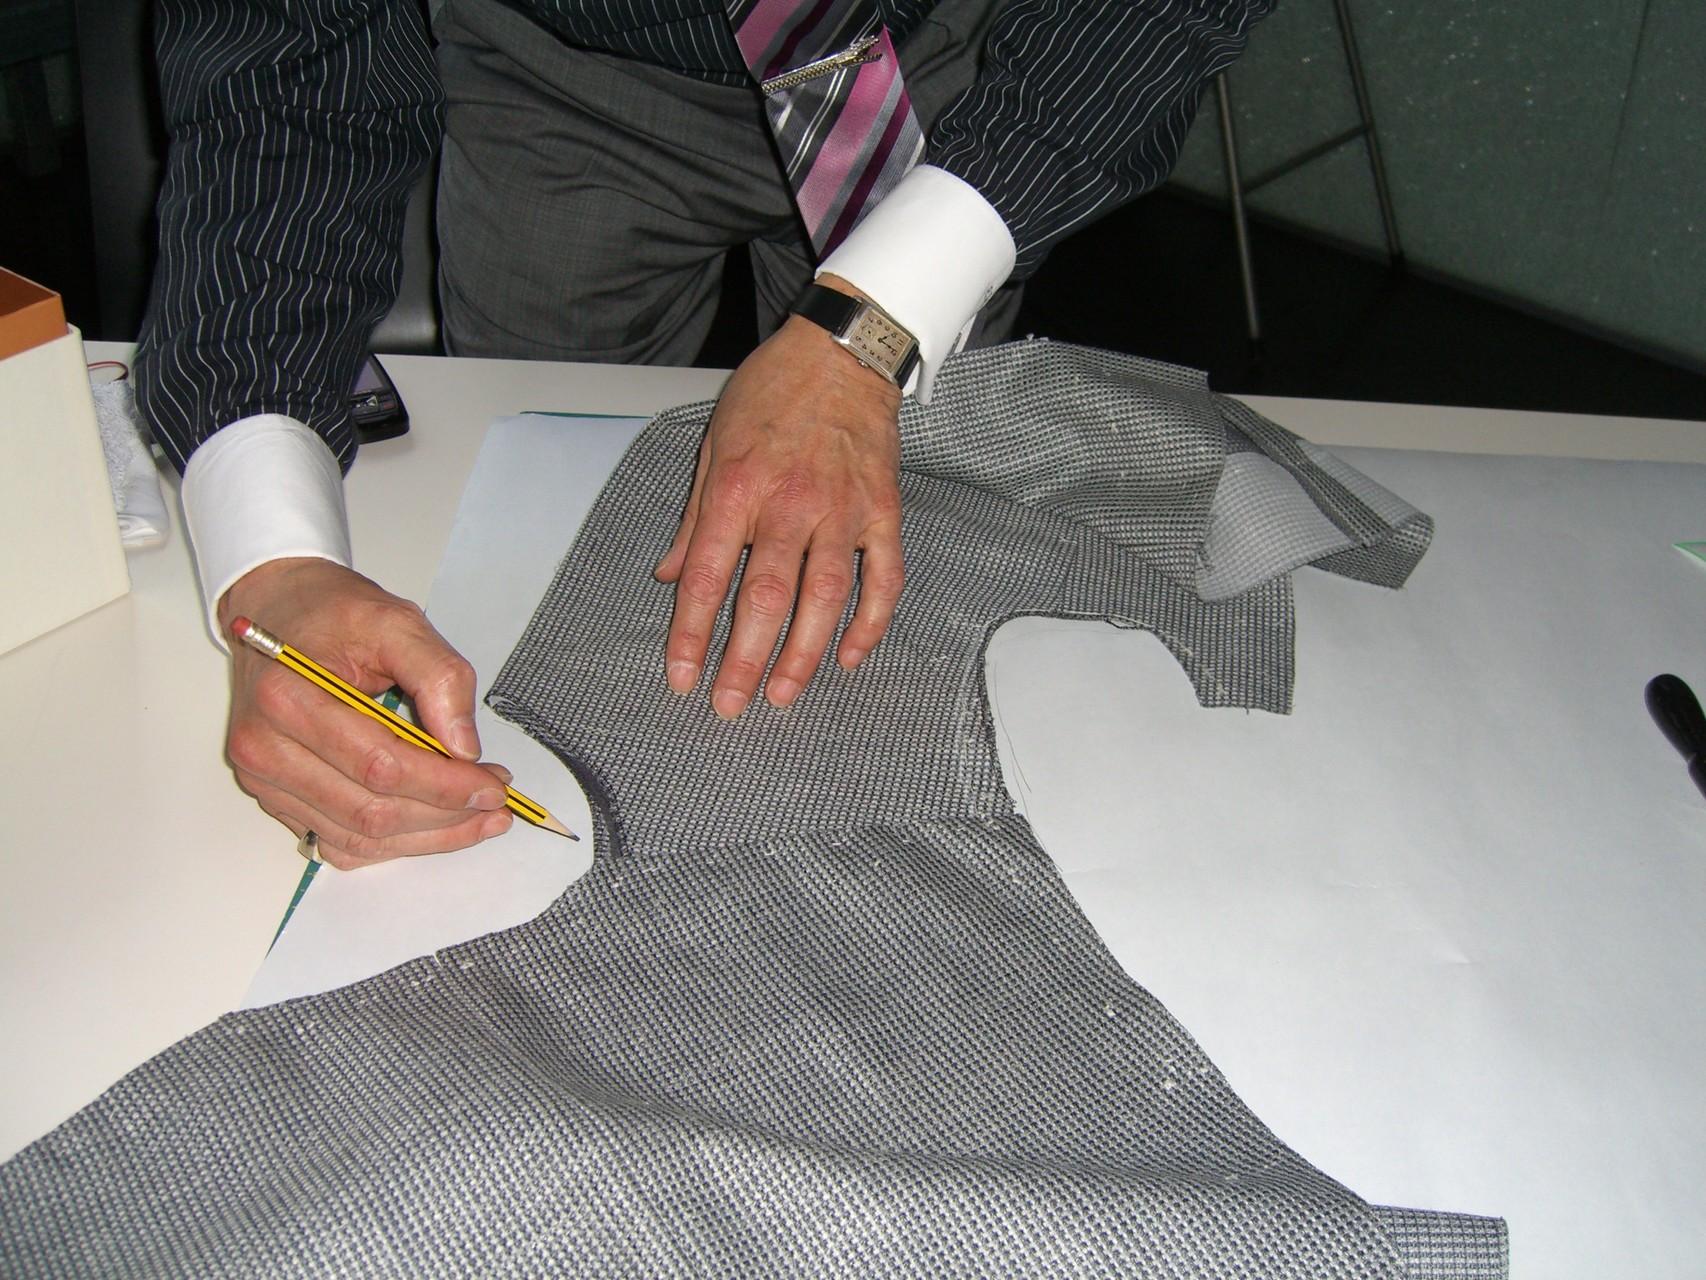 Spezielle Plaque-Verarbeitung für das klassische Kostüm oder Anzug - 2011 Frankfurt